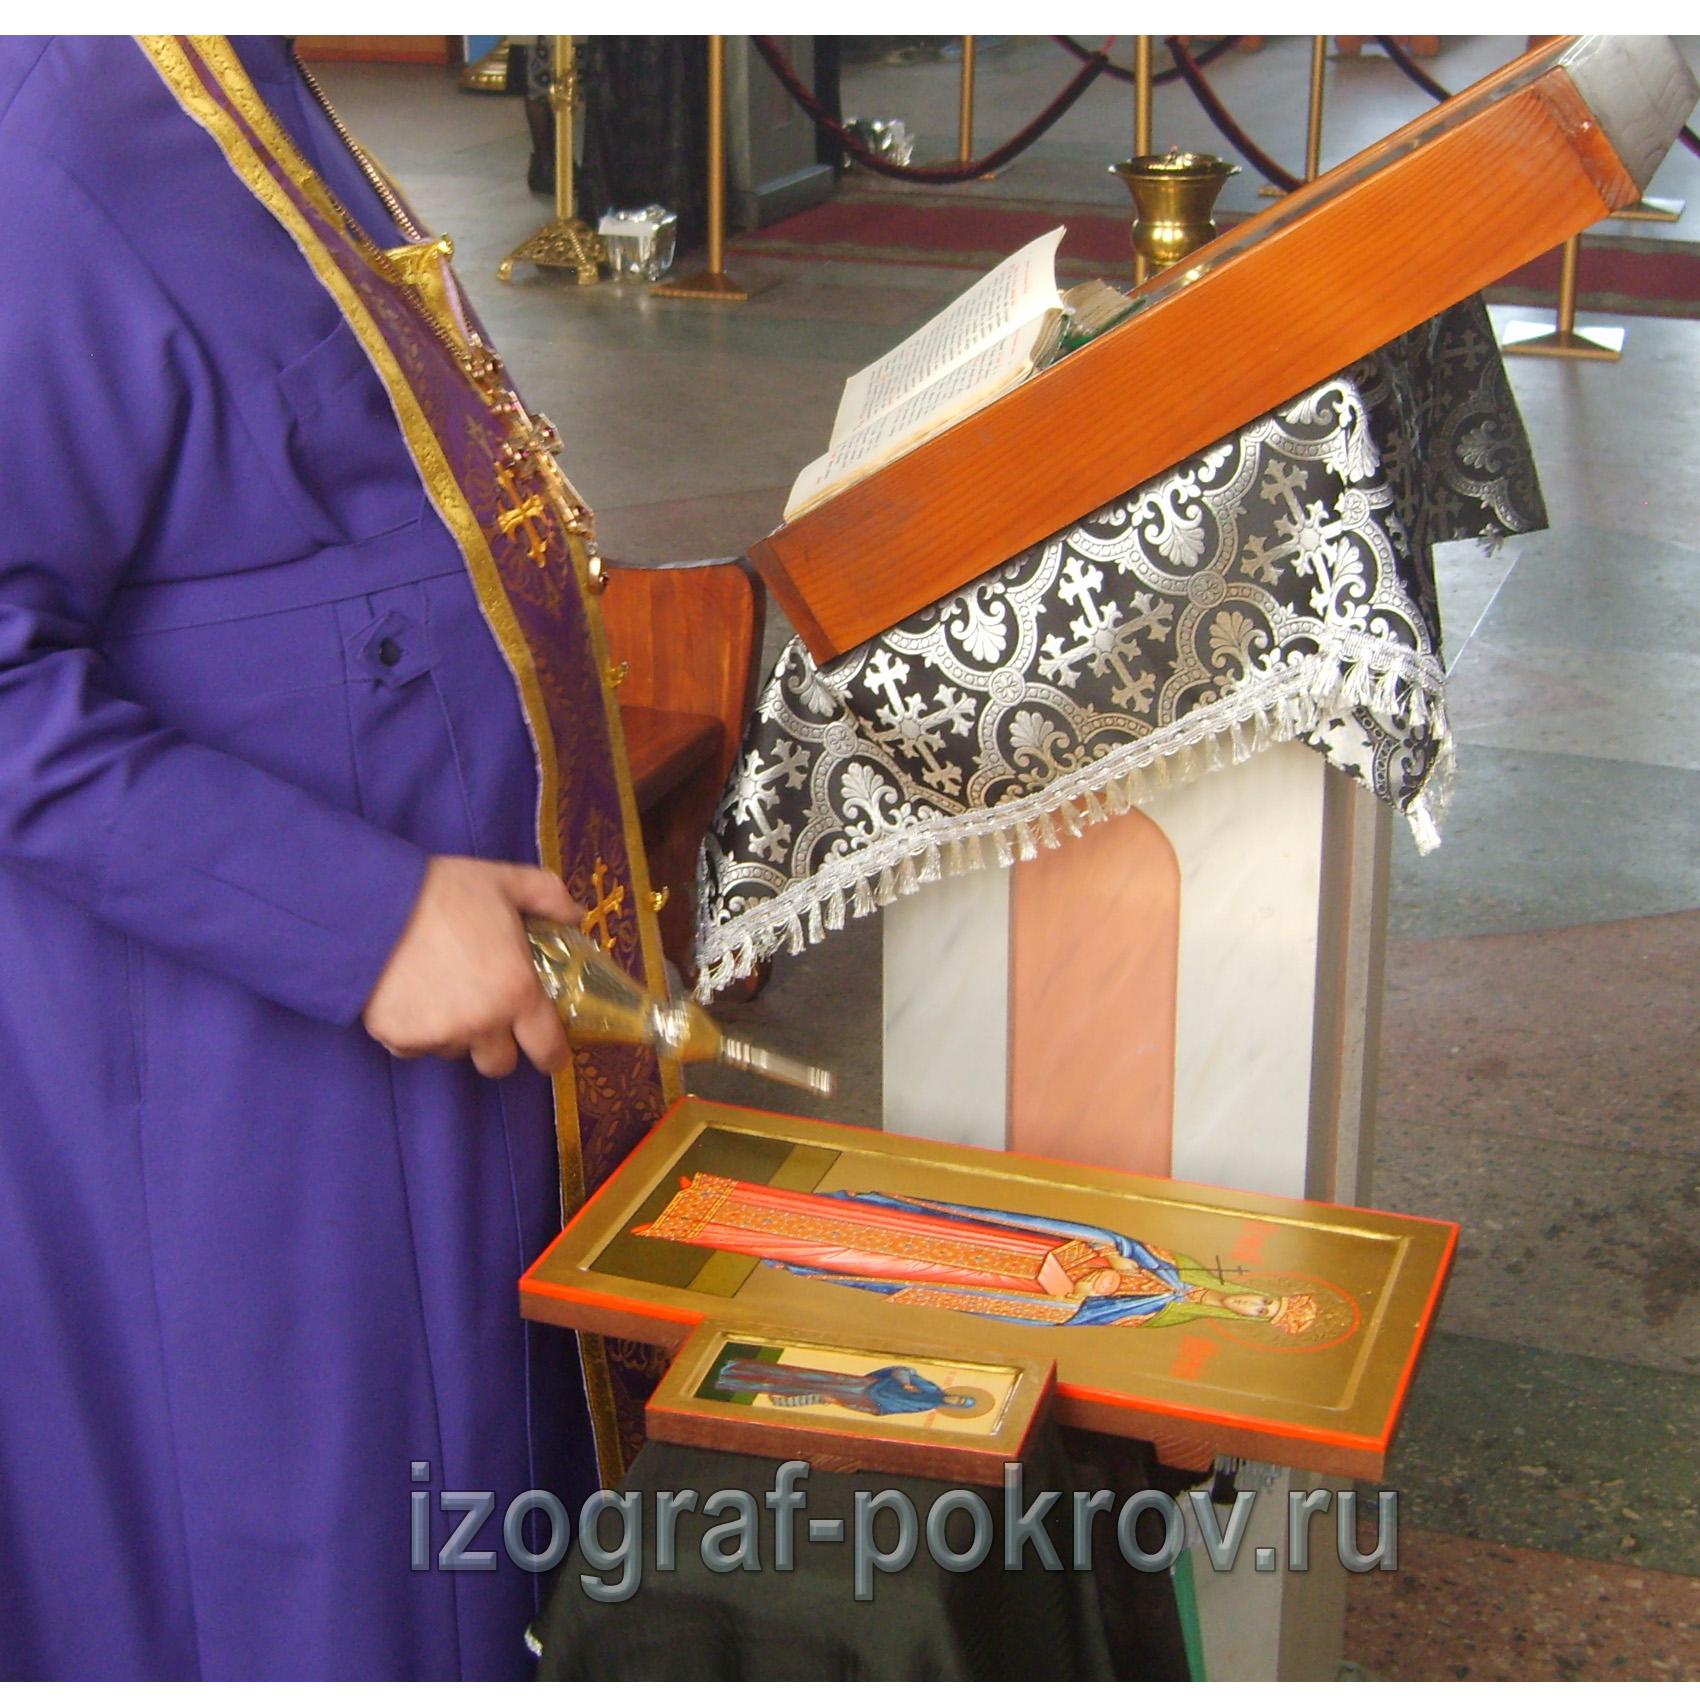 Освящение мерной иконы царица Елена Равноапостольная в храме Покрова Пресвятой Богородицы